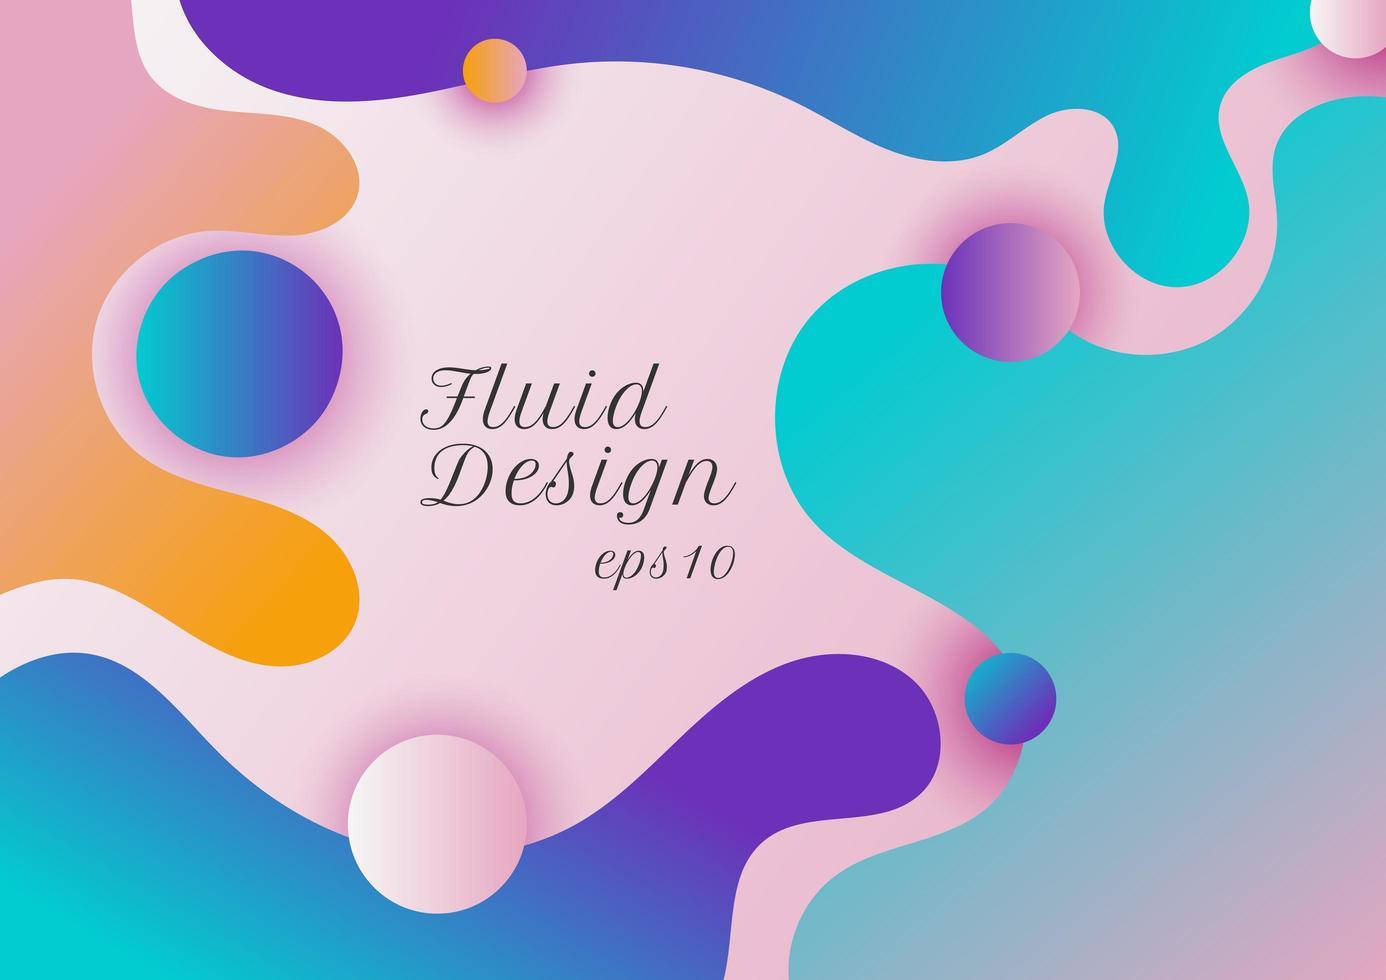 abstracte moderne vloeibare of vloeibare vorm kleurovergang achtergrond vector